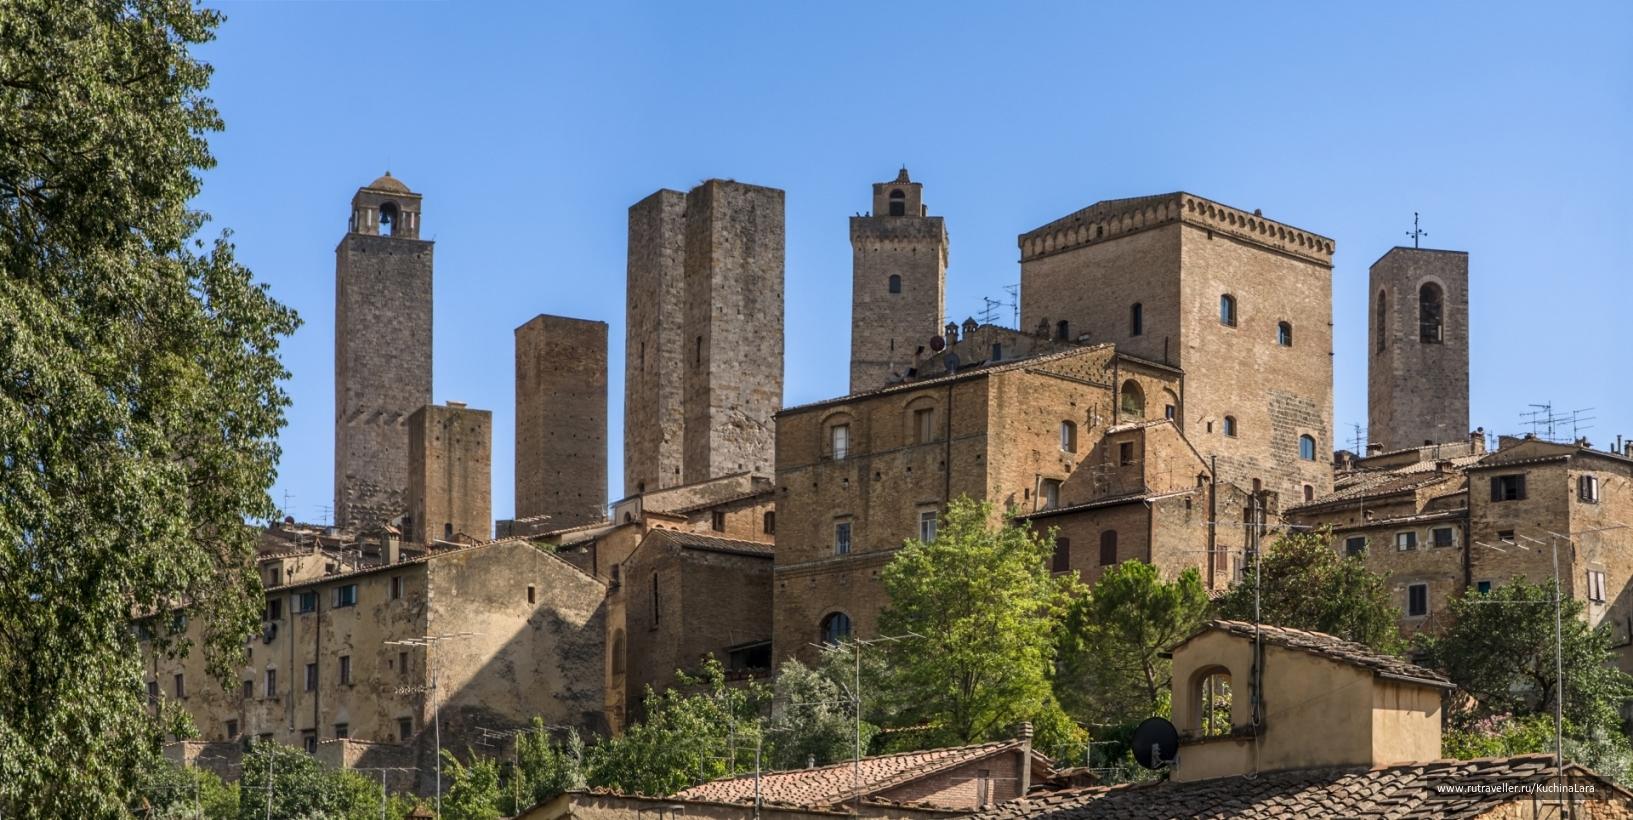 San_Gimignano_2012-0060-2